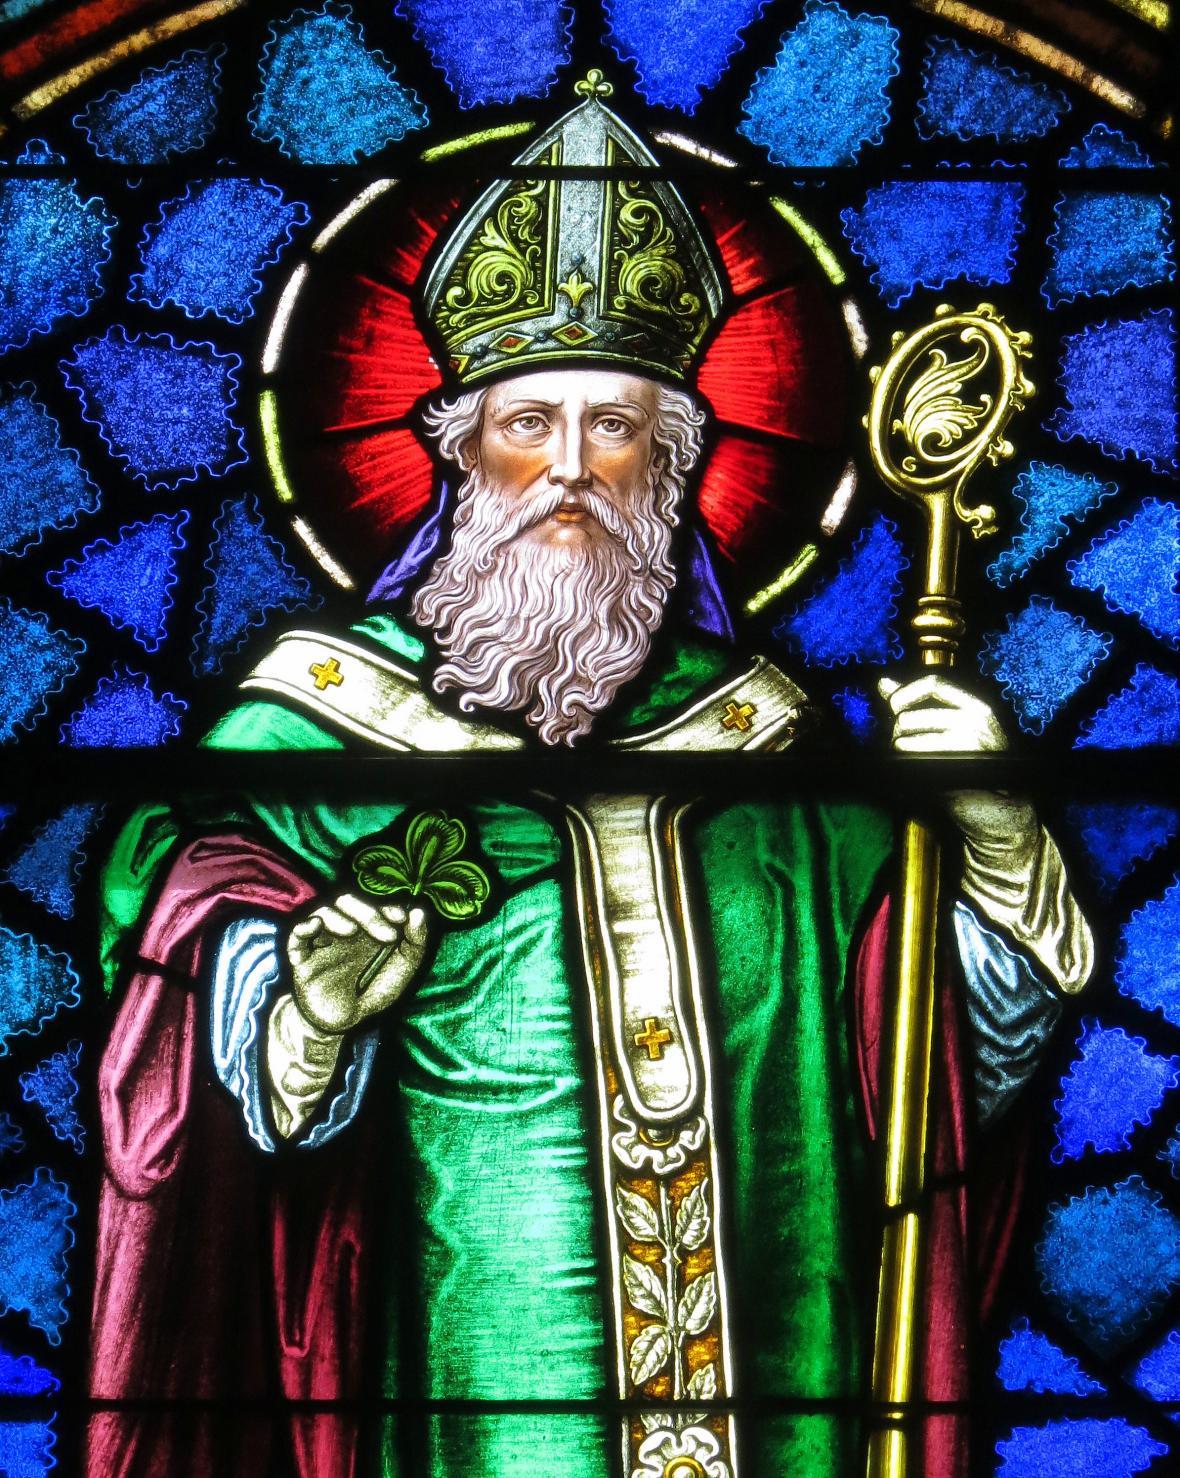 Kostelní vitráž zobrazující podobiznu Sv. Patrika